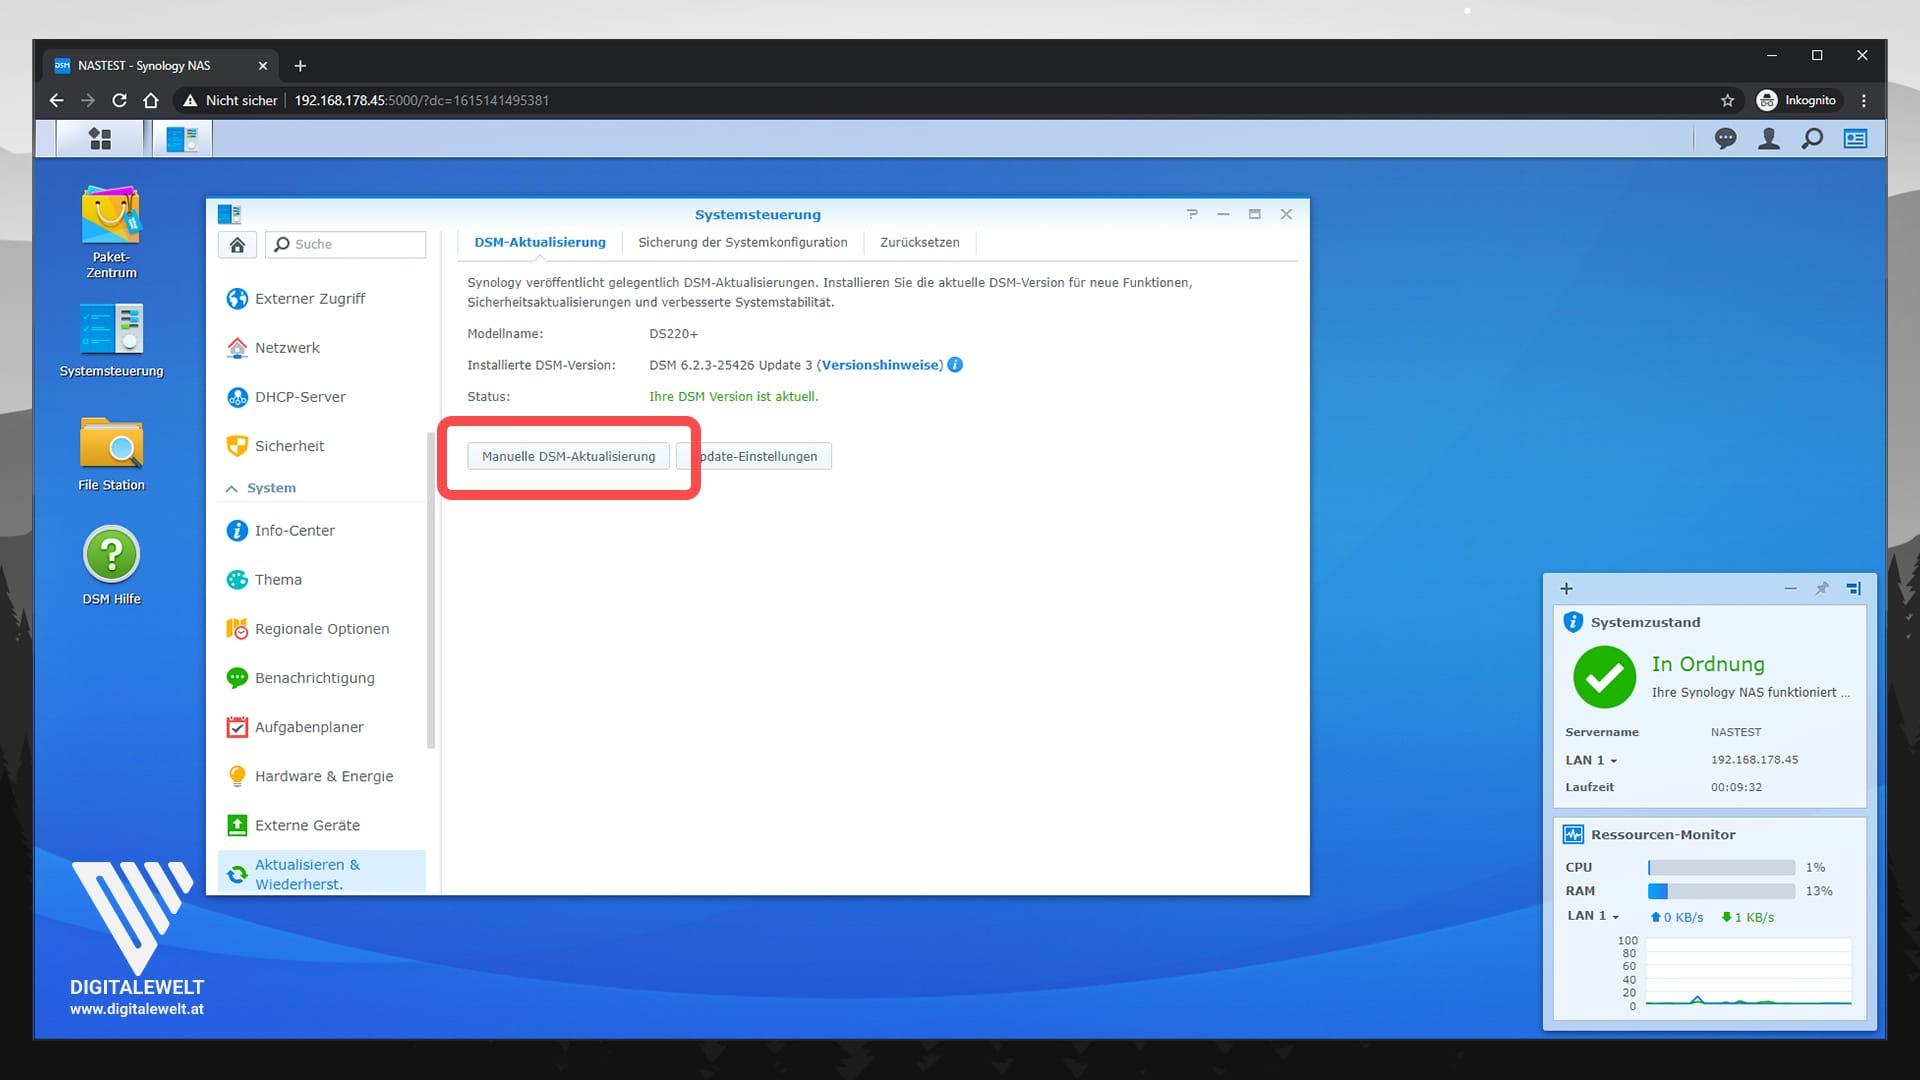 Synology DSM 7 Beta installieren - Manuelle DSM-Aktualisierung - digitalewelt.at